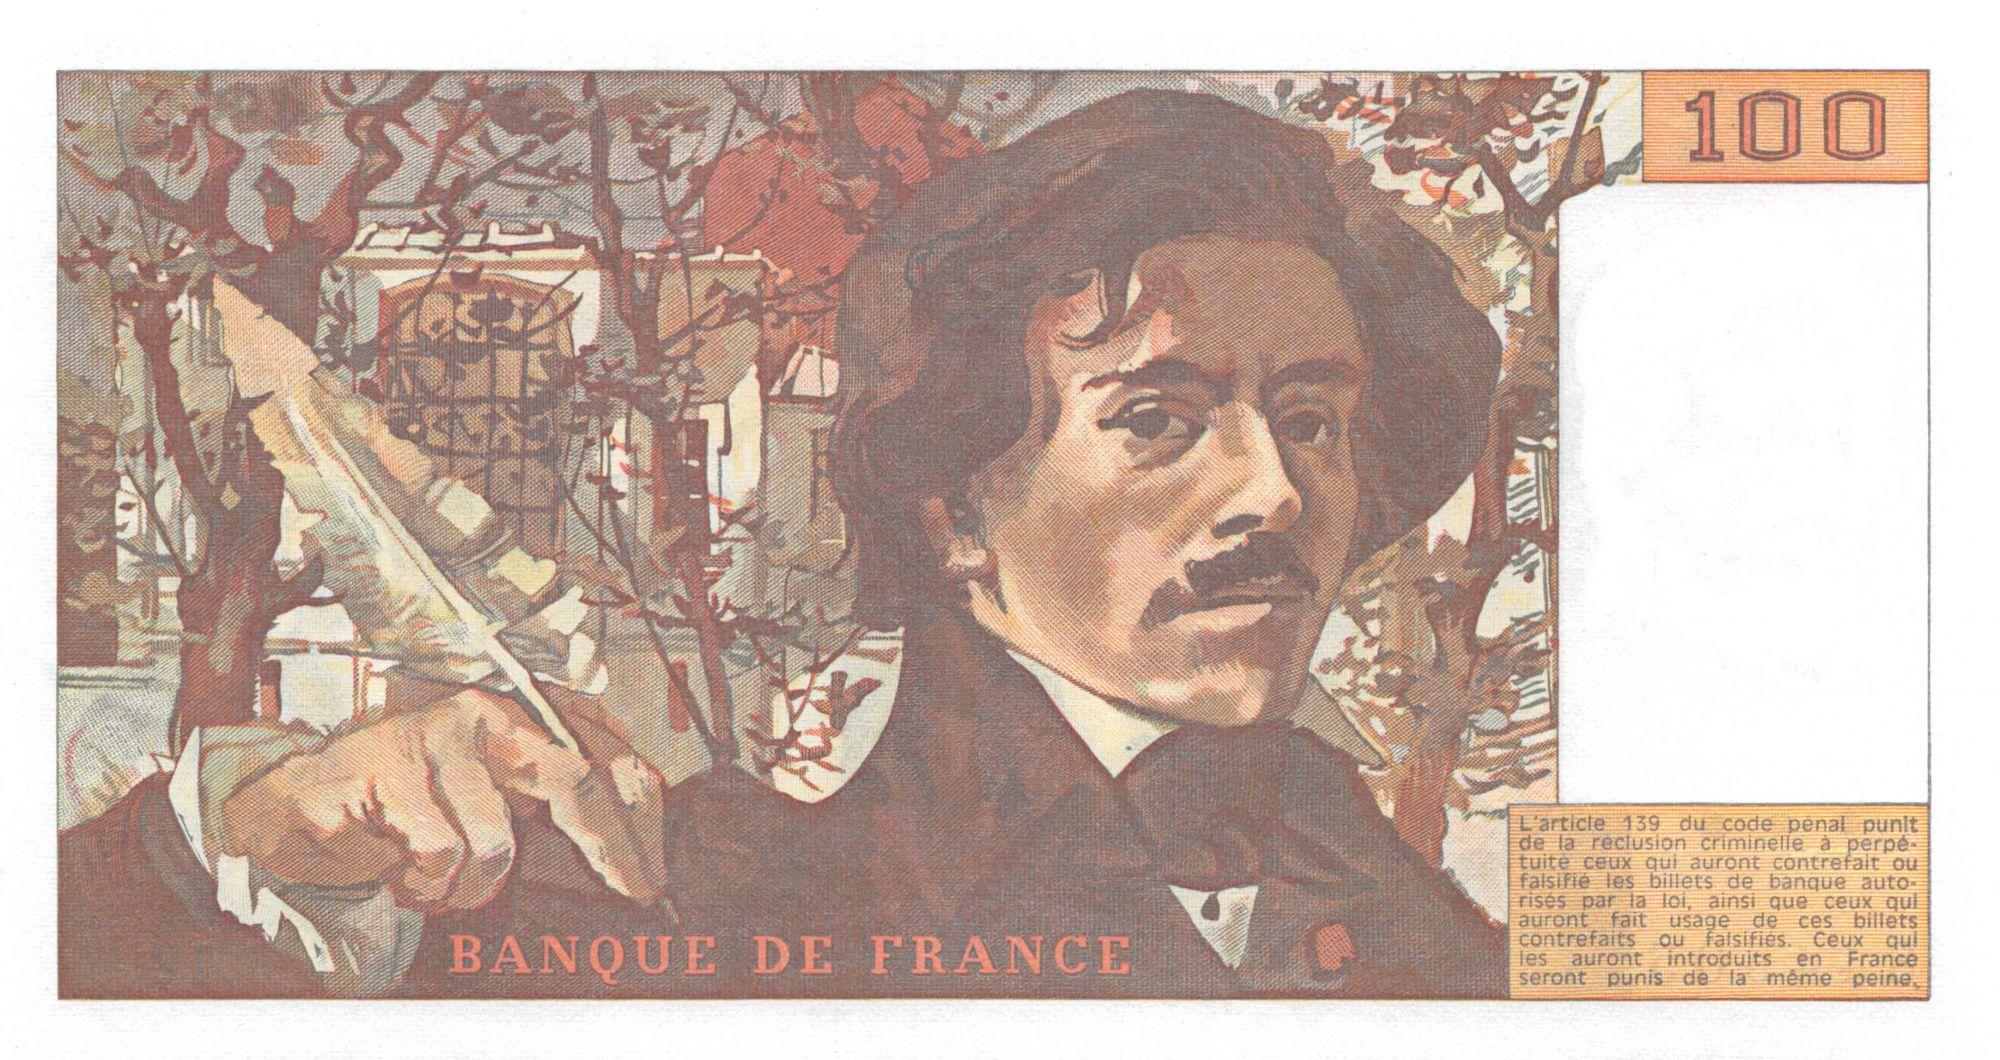 France 100 Francs Delacroix - 1979 Série F.12 - P.NEUF